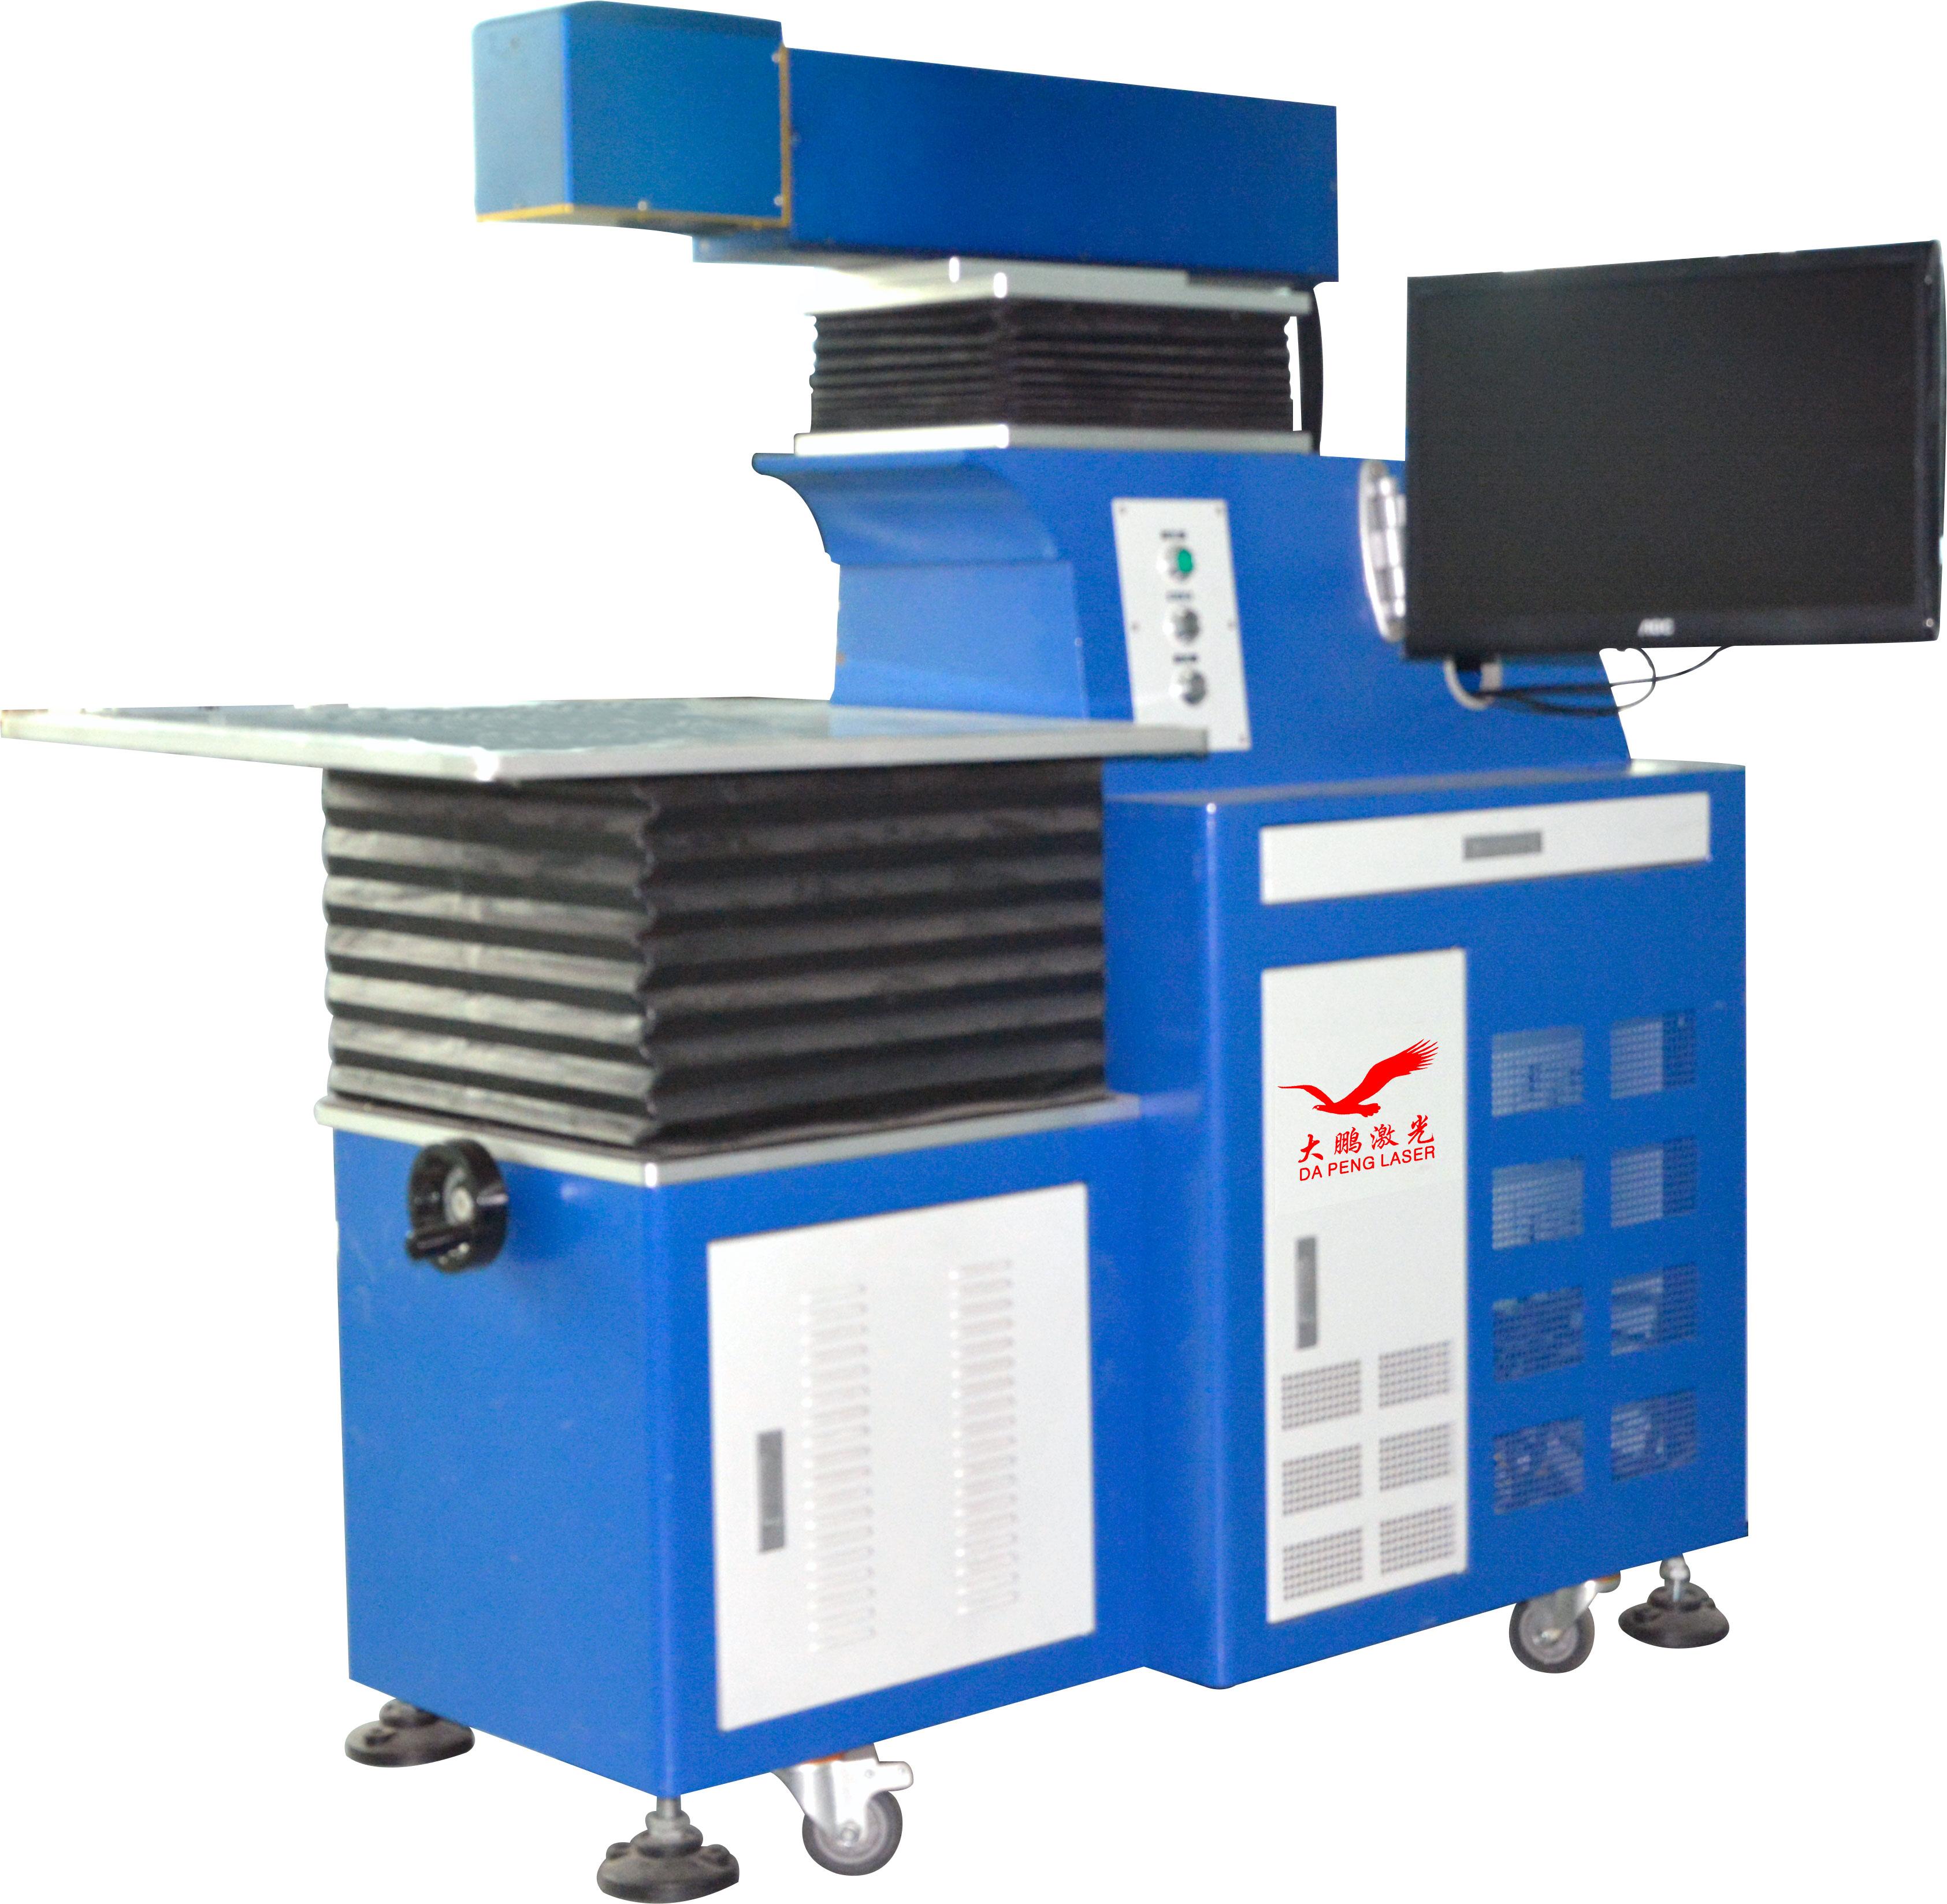 3D激光打标机价格  3D激光打标机供应商  3D激光打标机哪家好 3D激光打标机电话  四川3D激光打标机